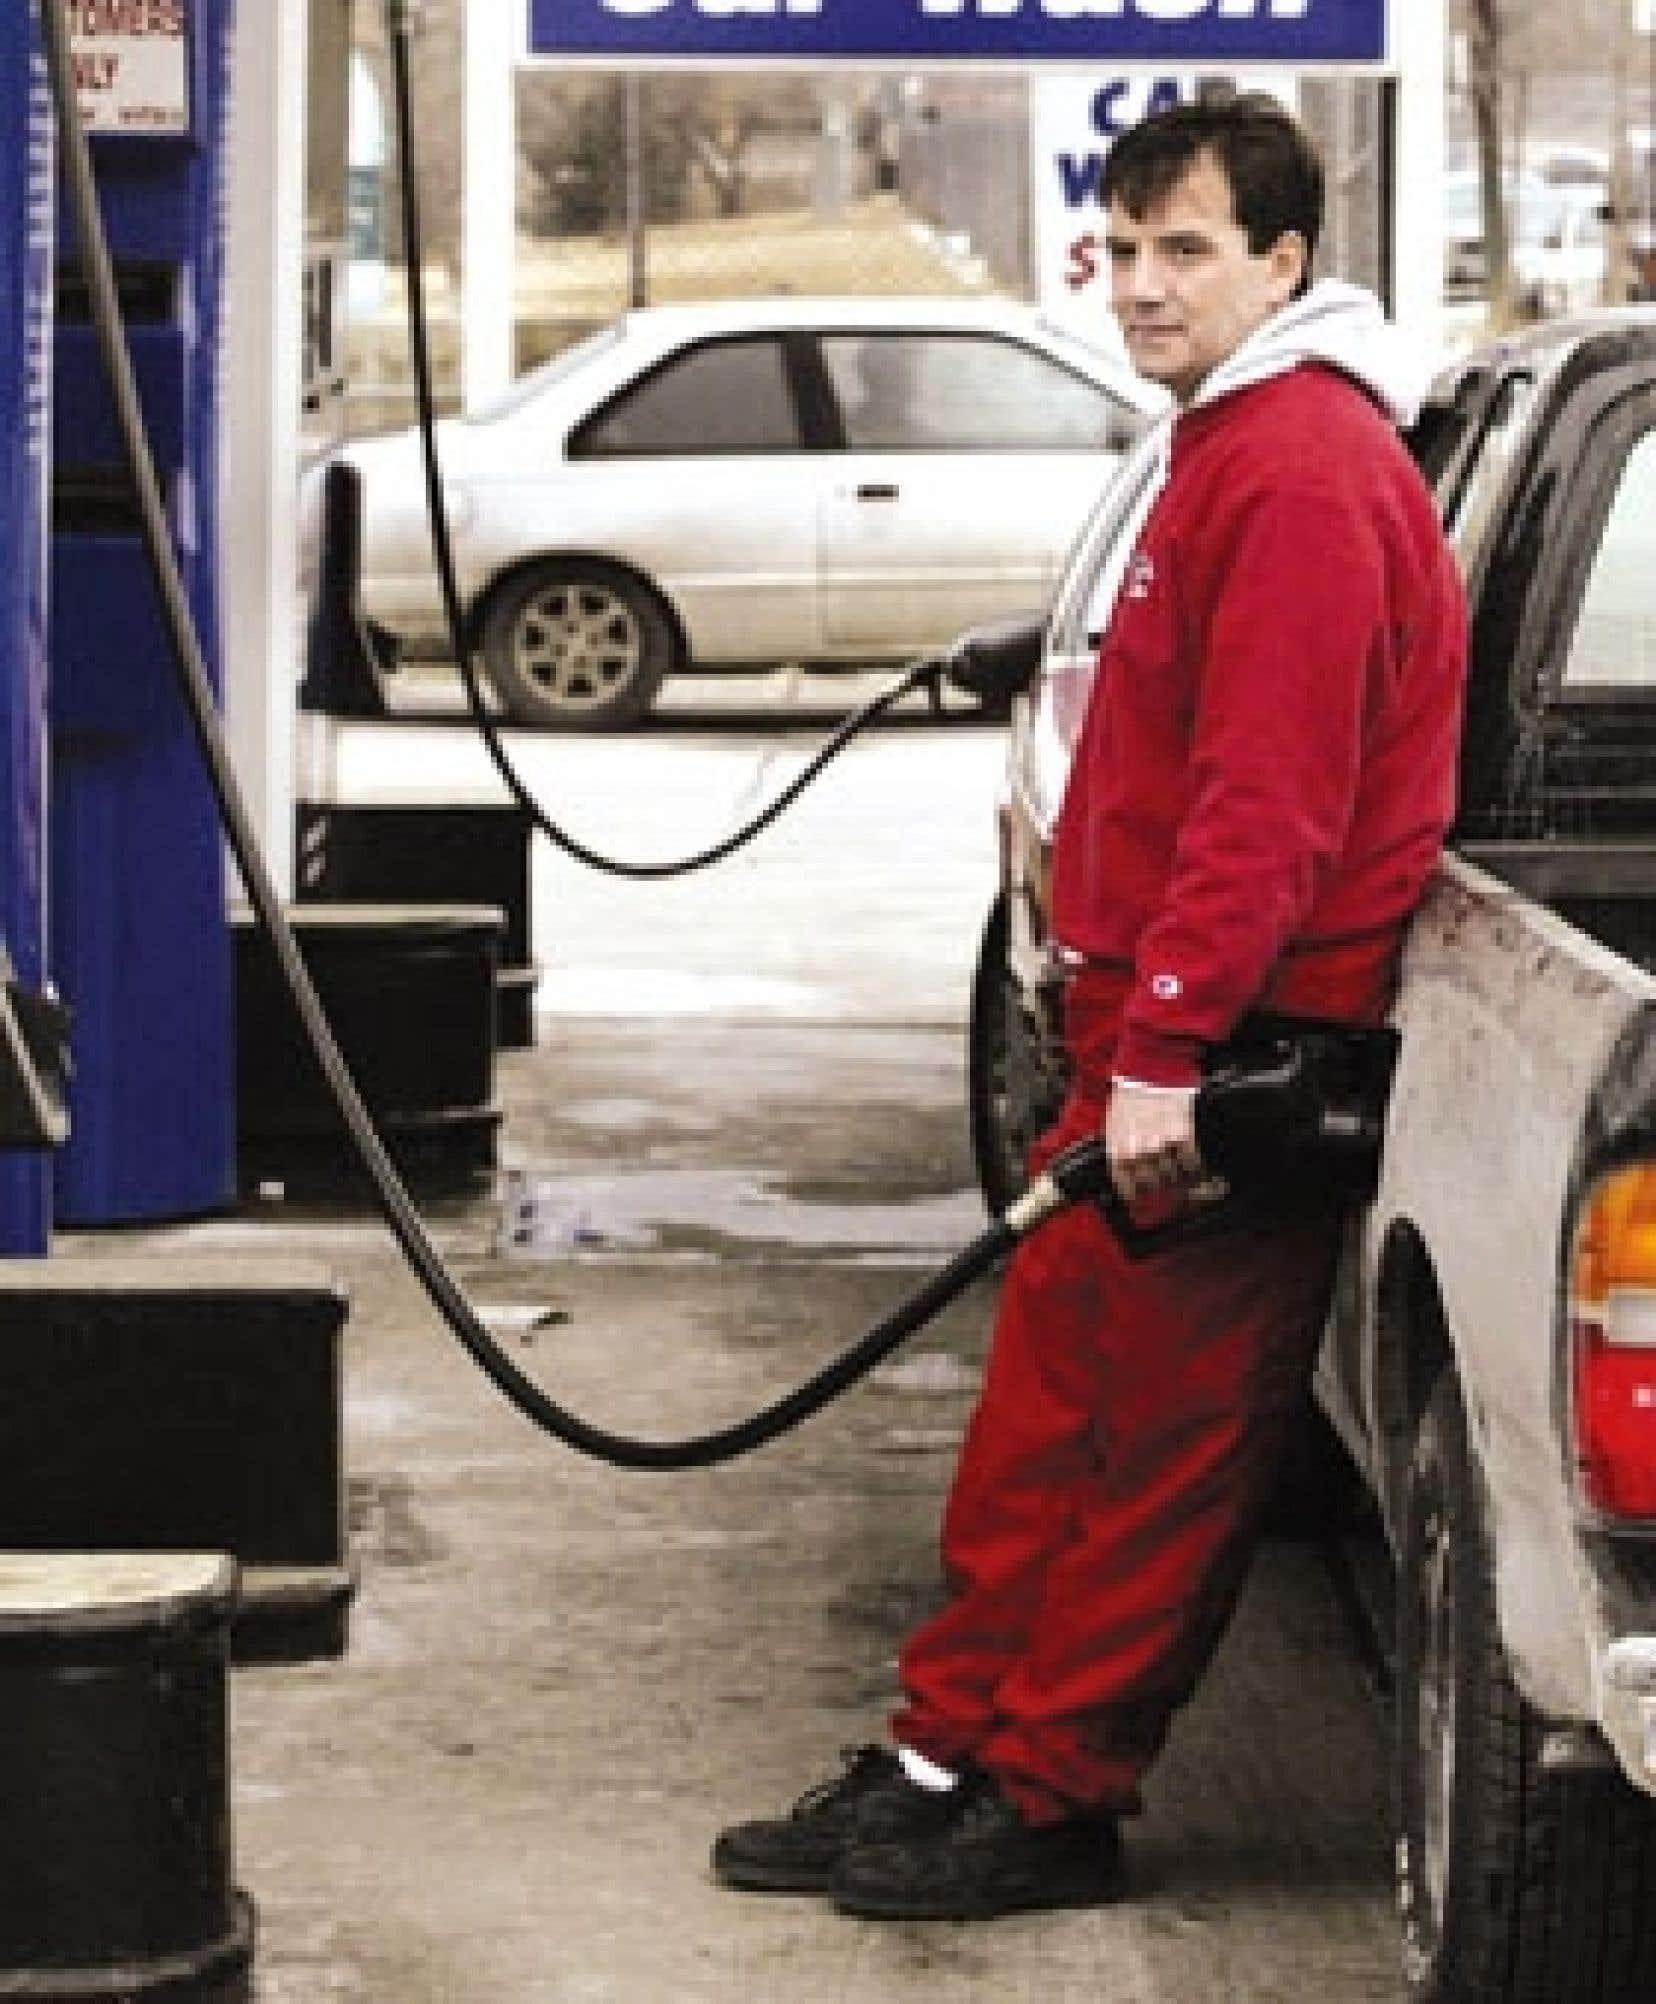 Lors d'une séance de la Commission parlementaire de l'économie et du travail, deux représentants de l'industrie ont affirmé que la somme annuelle de 200 millions que veut leur facturer le gouvernement Charest représente 1,3 ¢ par litre. Or la